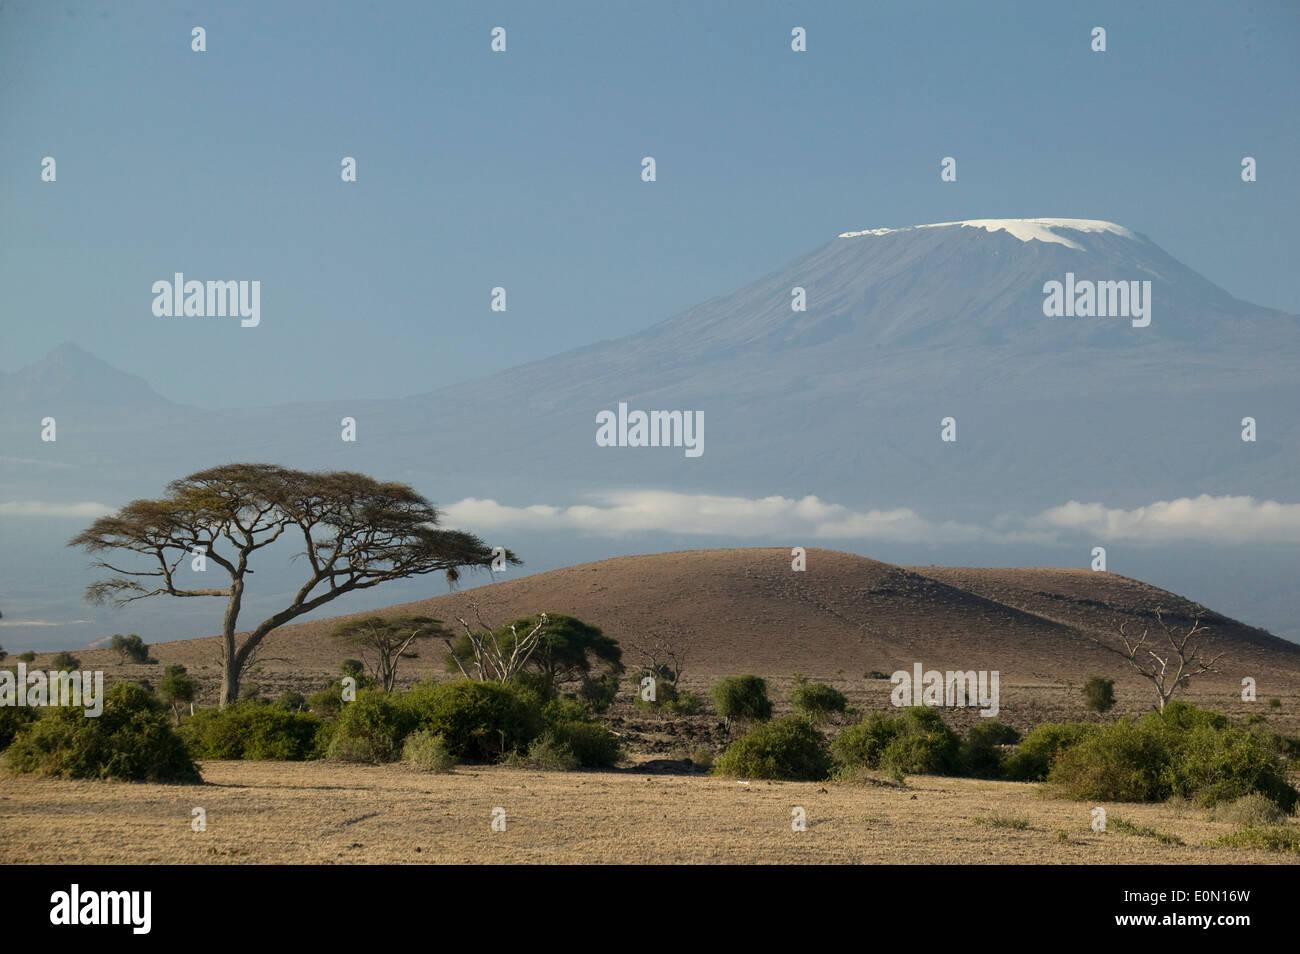 Le mont Kilimandjaro, le paysage du Parc National Ngorongoro, en Tanzanie Banque D'Images